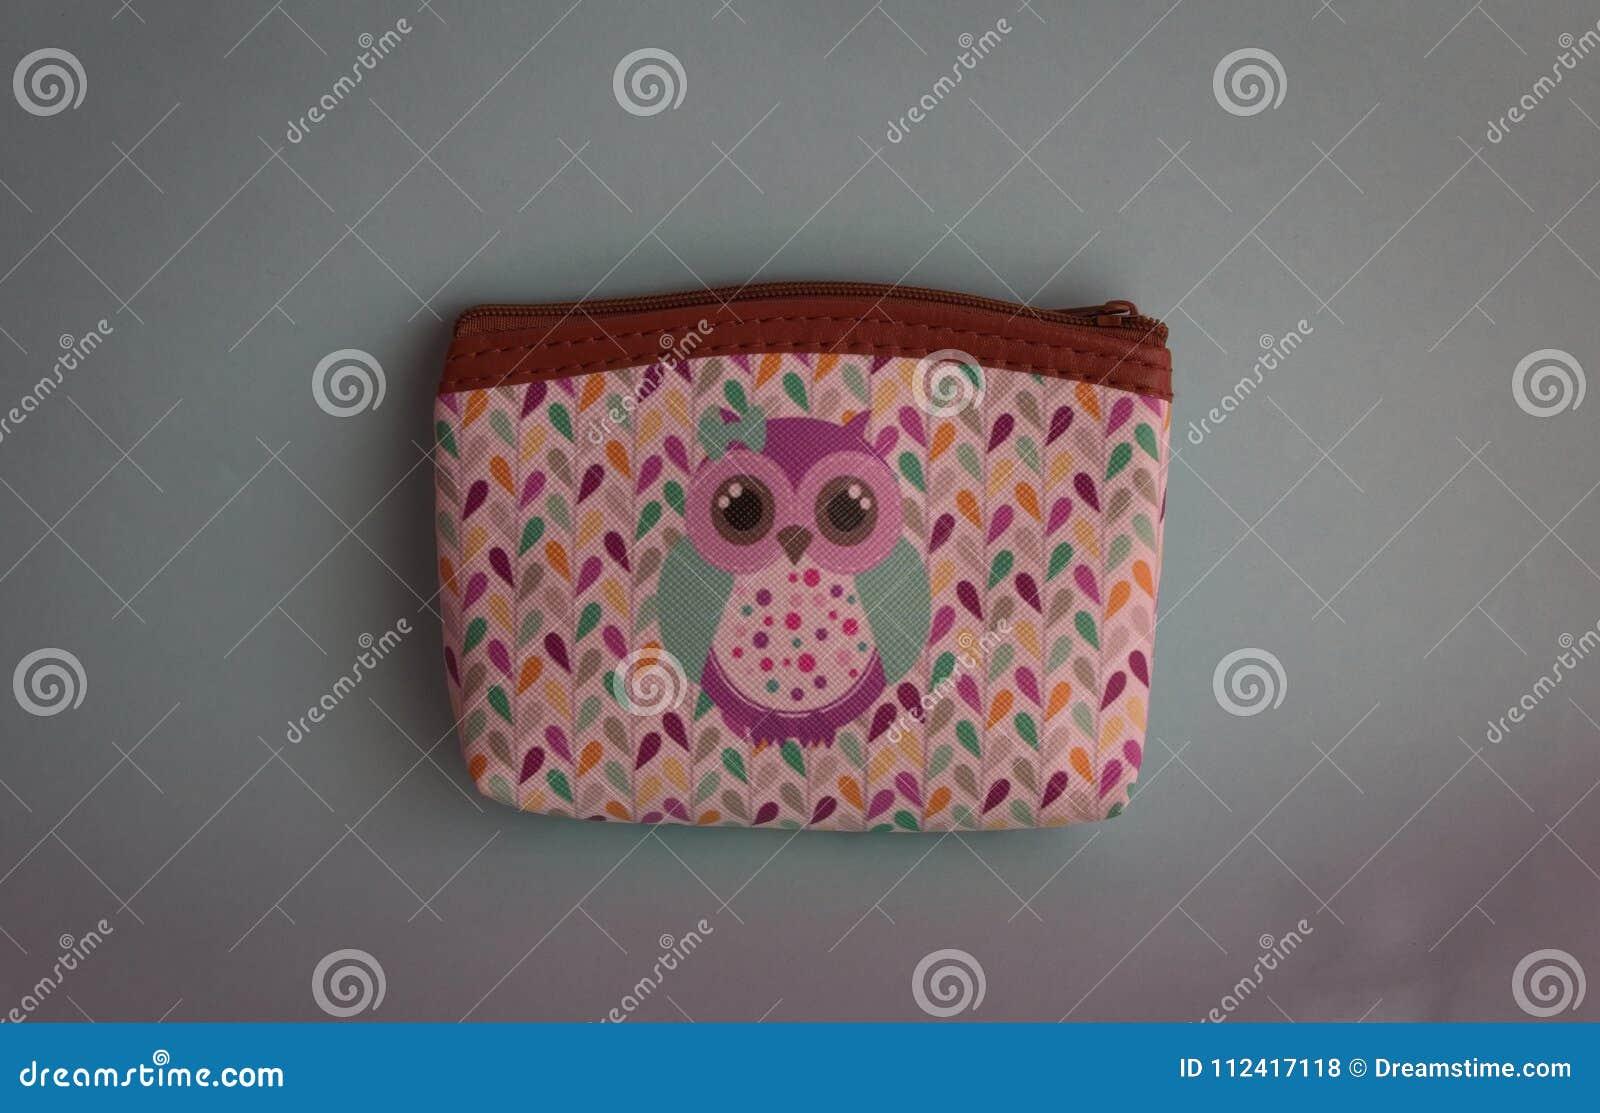 Kolorowy portfel z wizerunkiem sowa